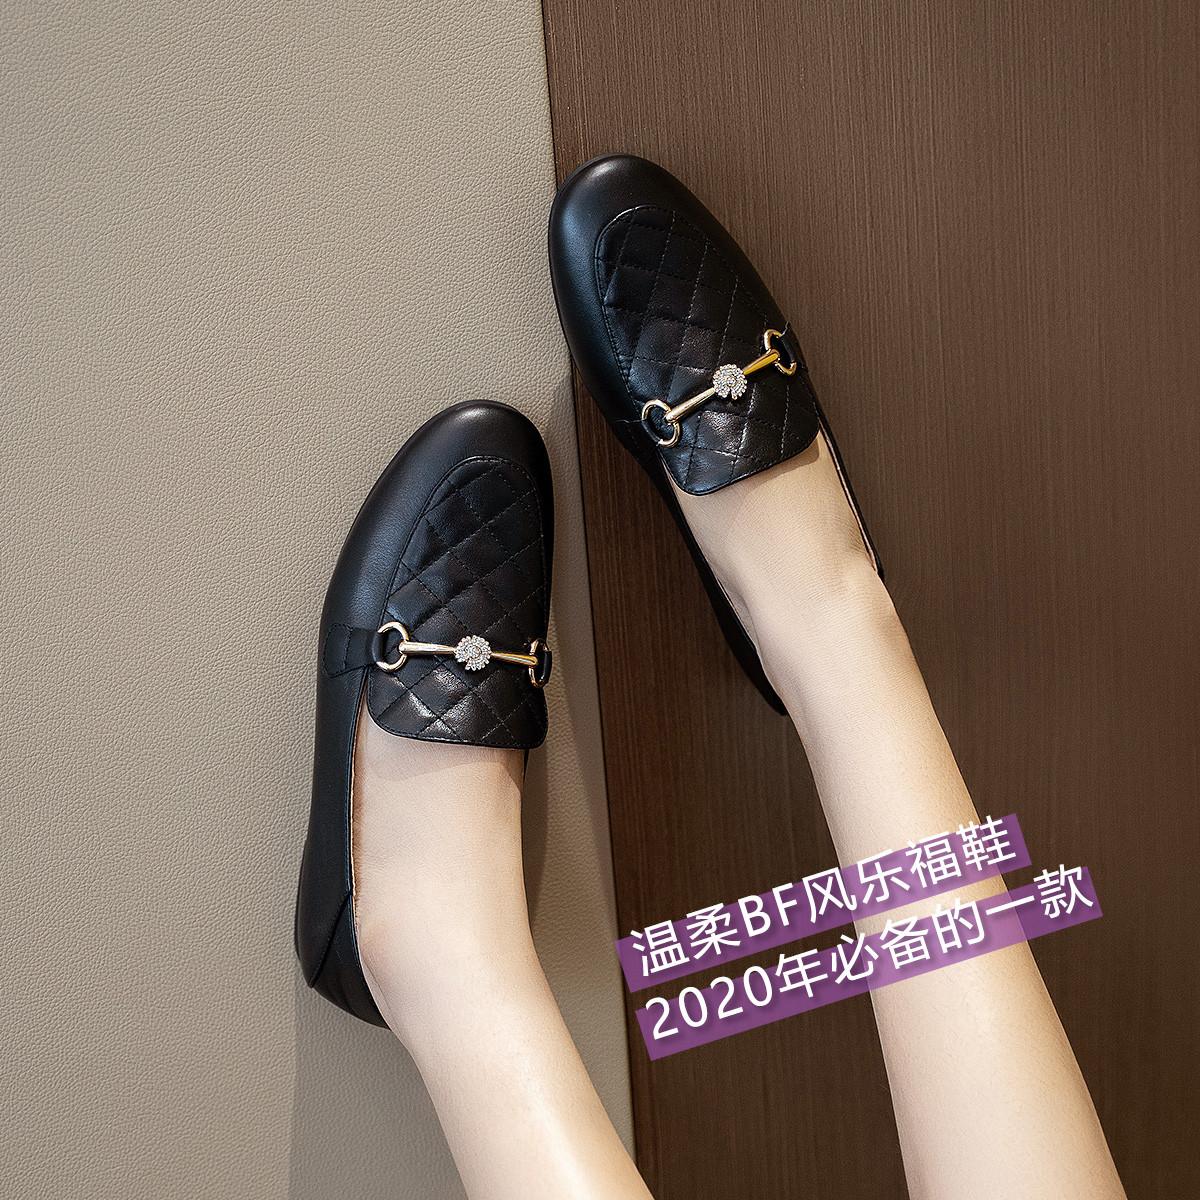 20年新品【可两穿】牛皮革小雏菊钻扣菱格低跟女单鞋圆头乐福鞋